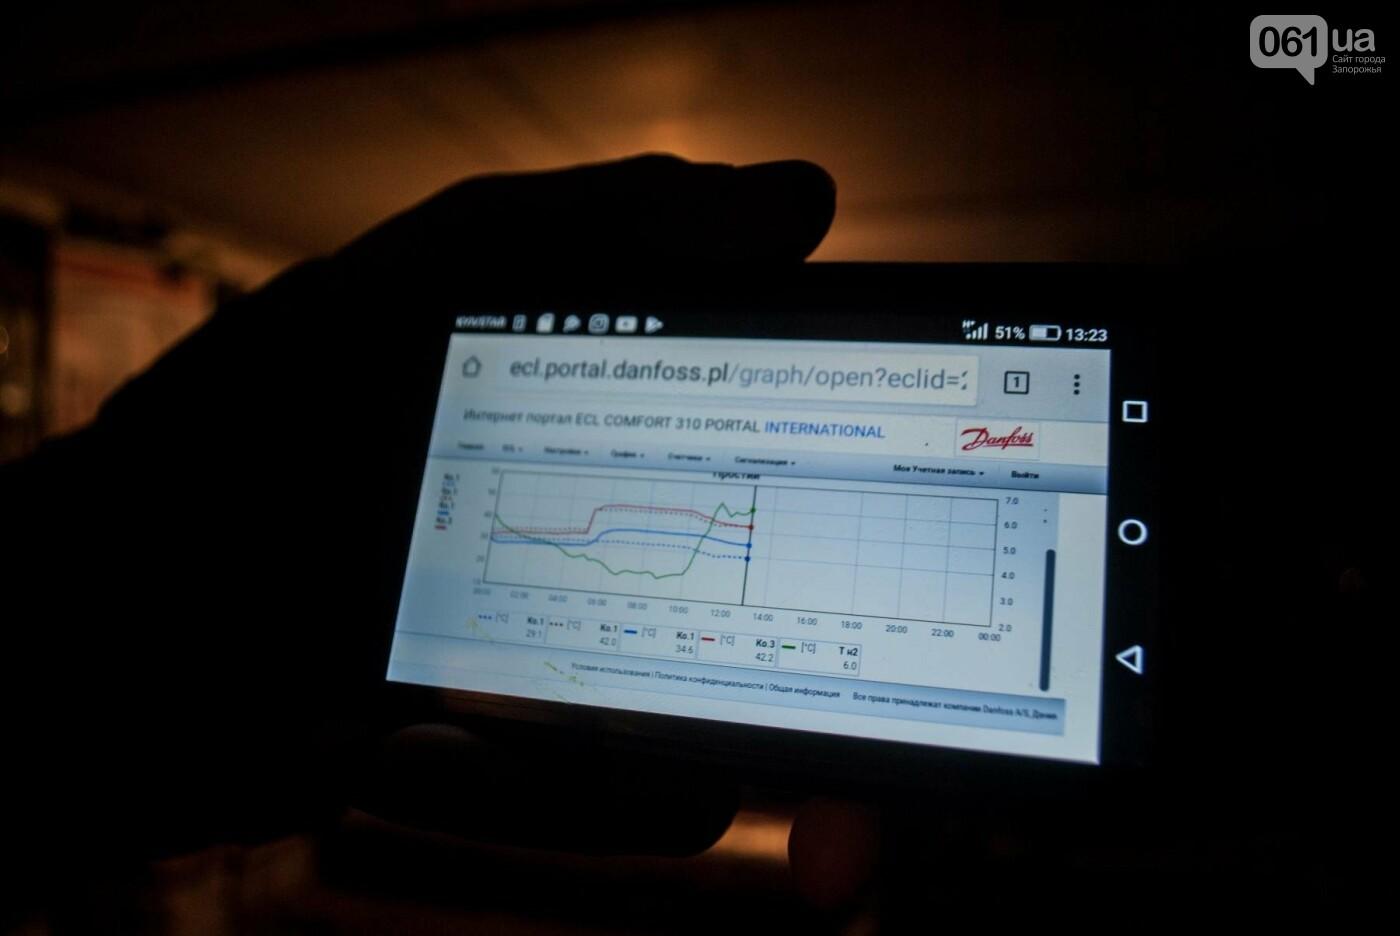 Сам себе хозяин: как запорожские ОСМД занимаются энергосбережением и значительно экономят на тарифах, — ФОТО, фото-38